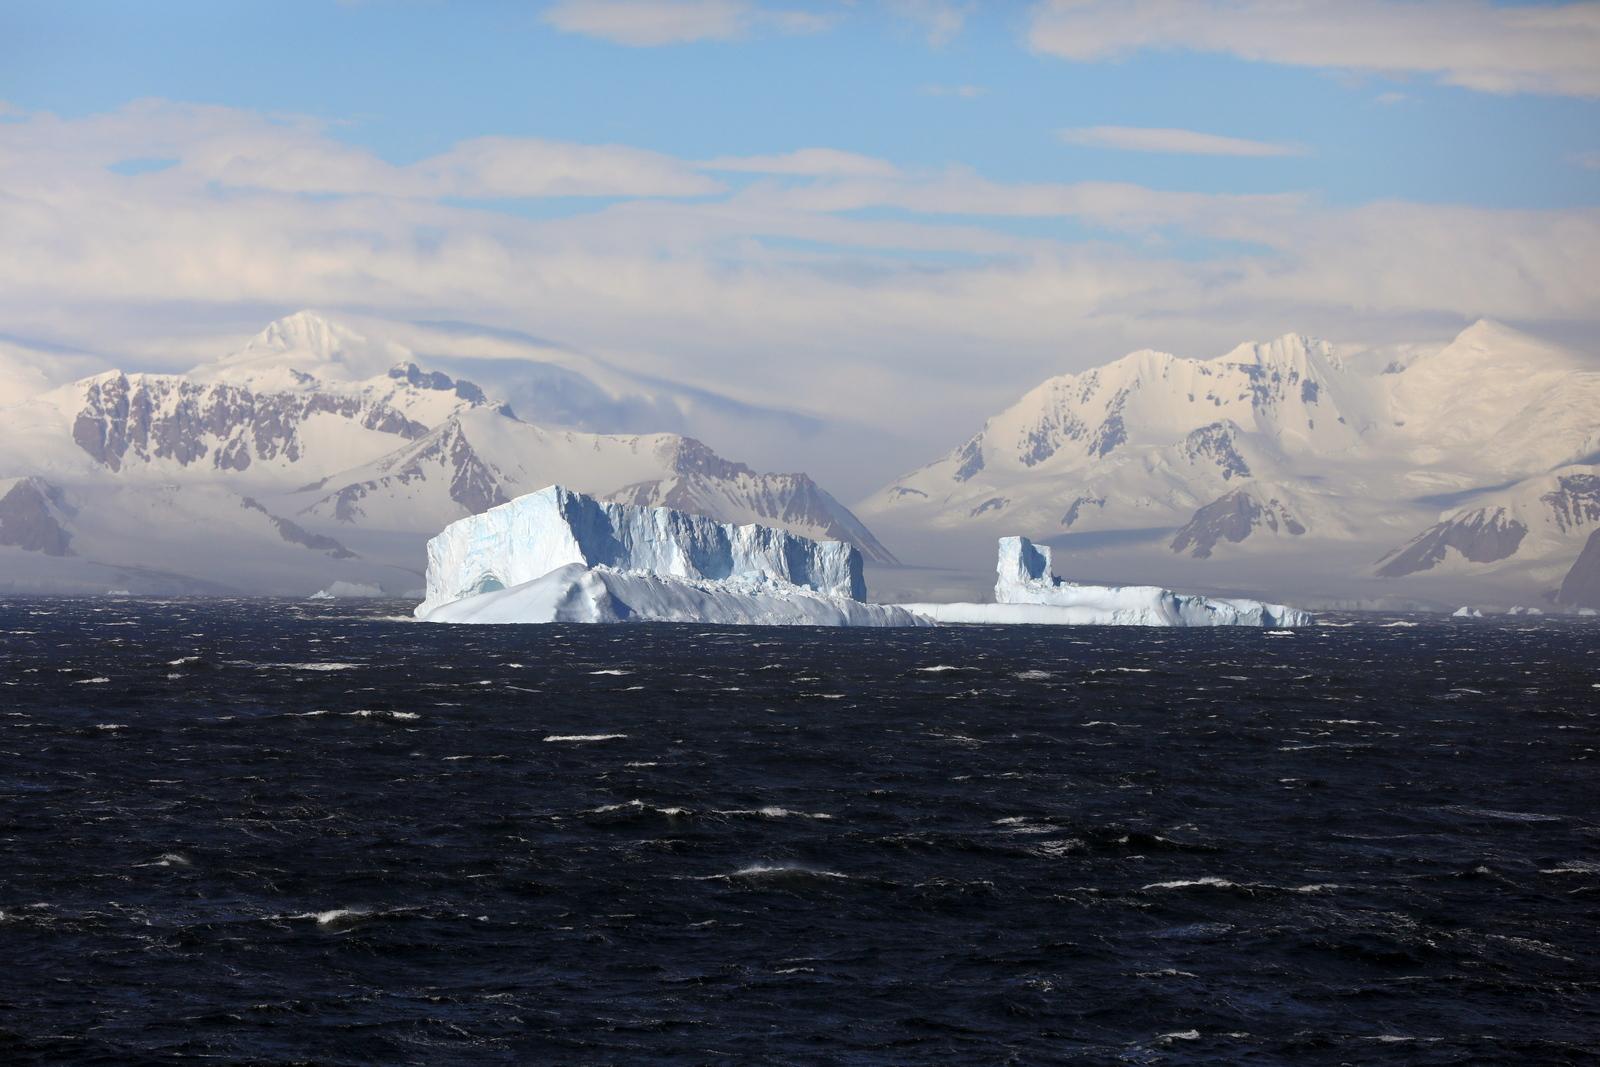 1702_Antarctique_02249_c_sm.jpg